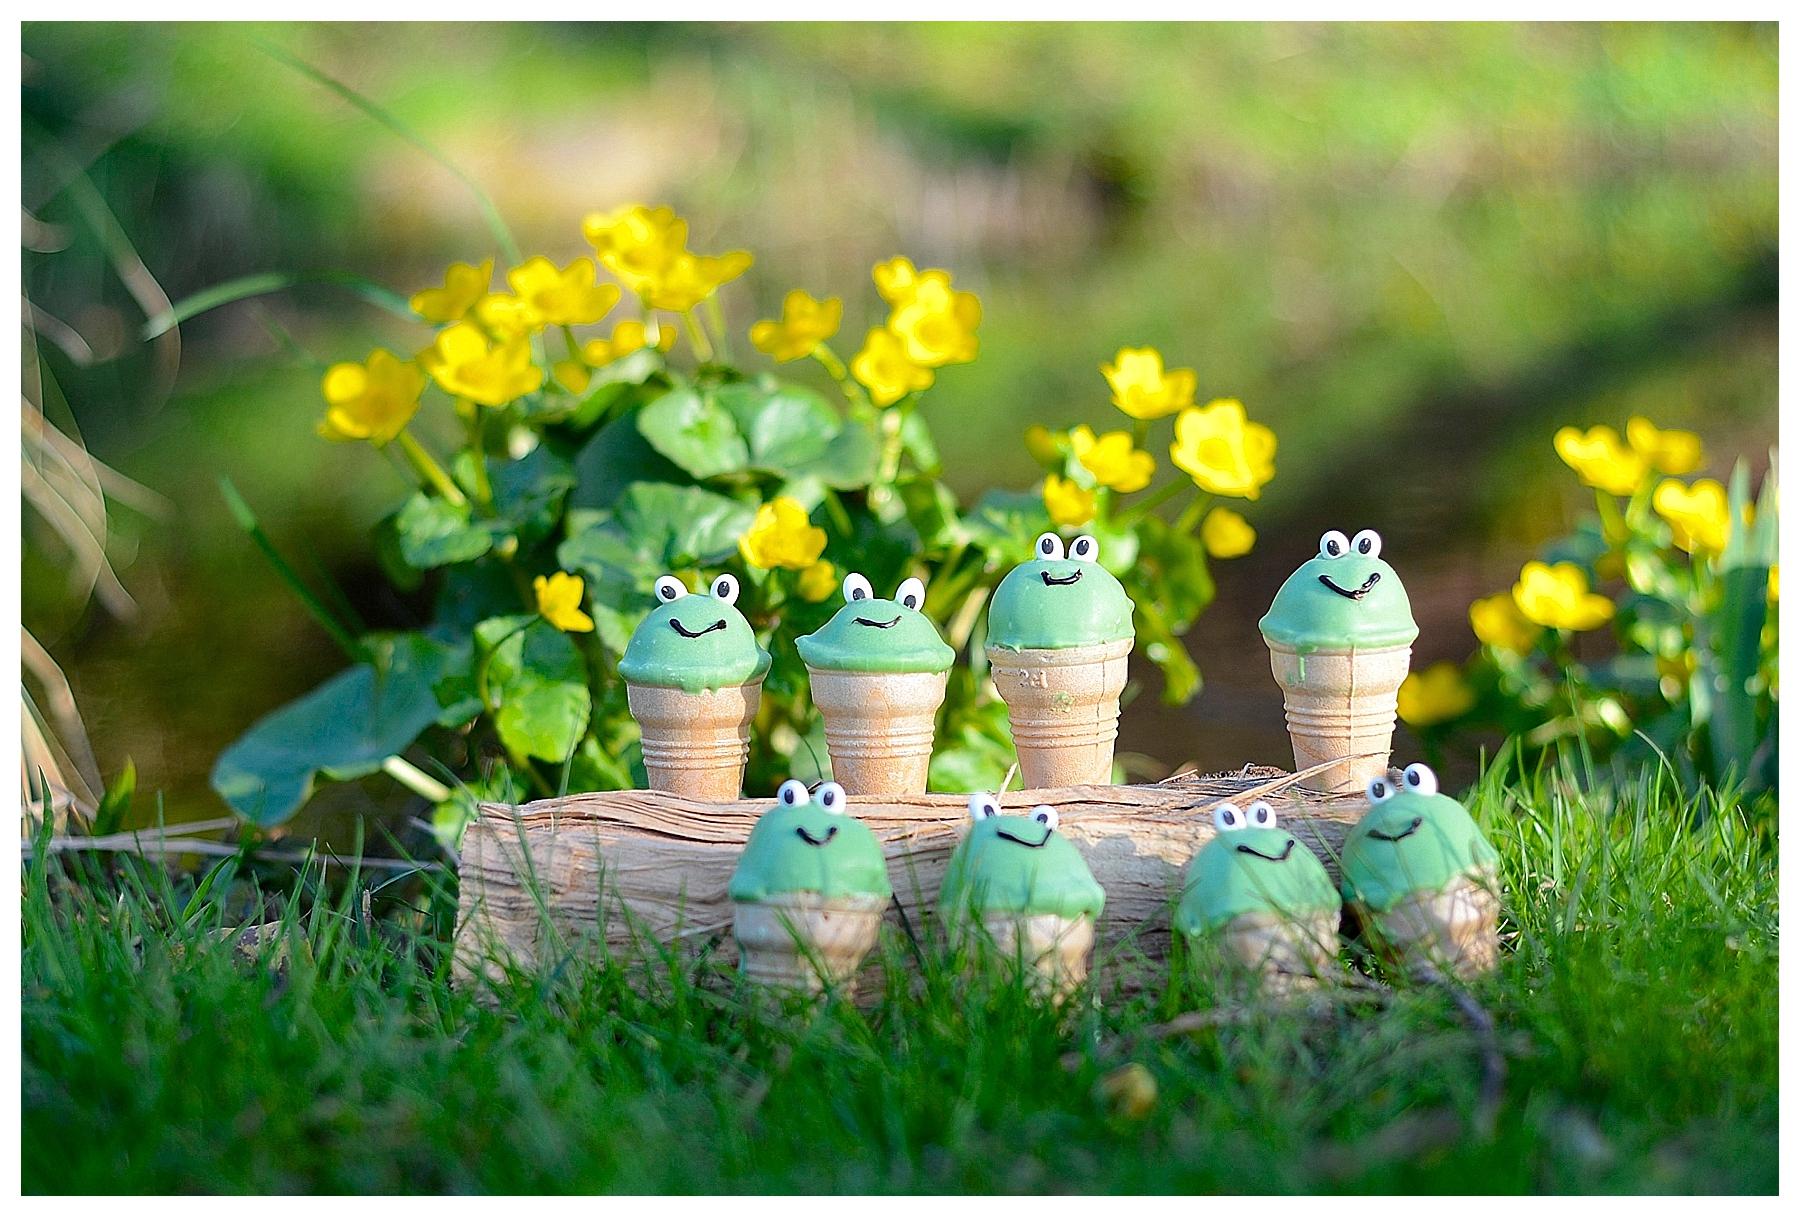 Frösche Cakepops grün waffelbecher